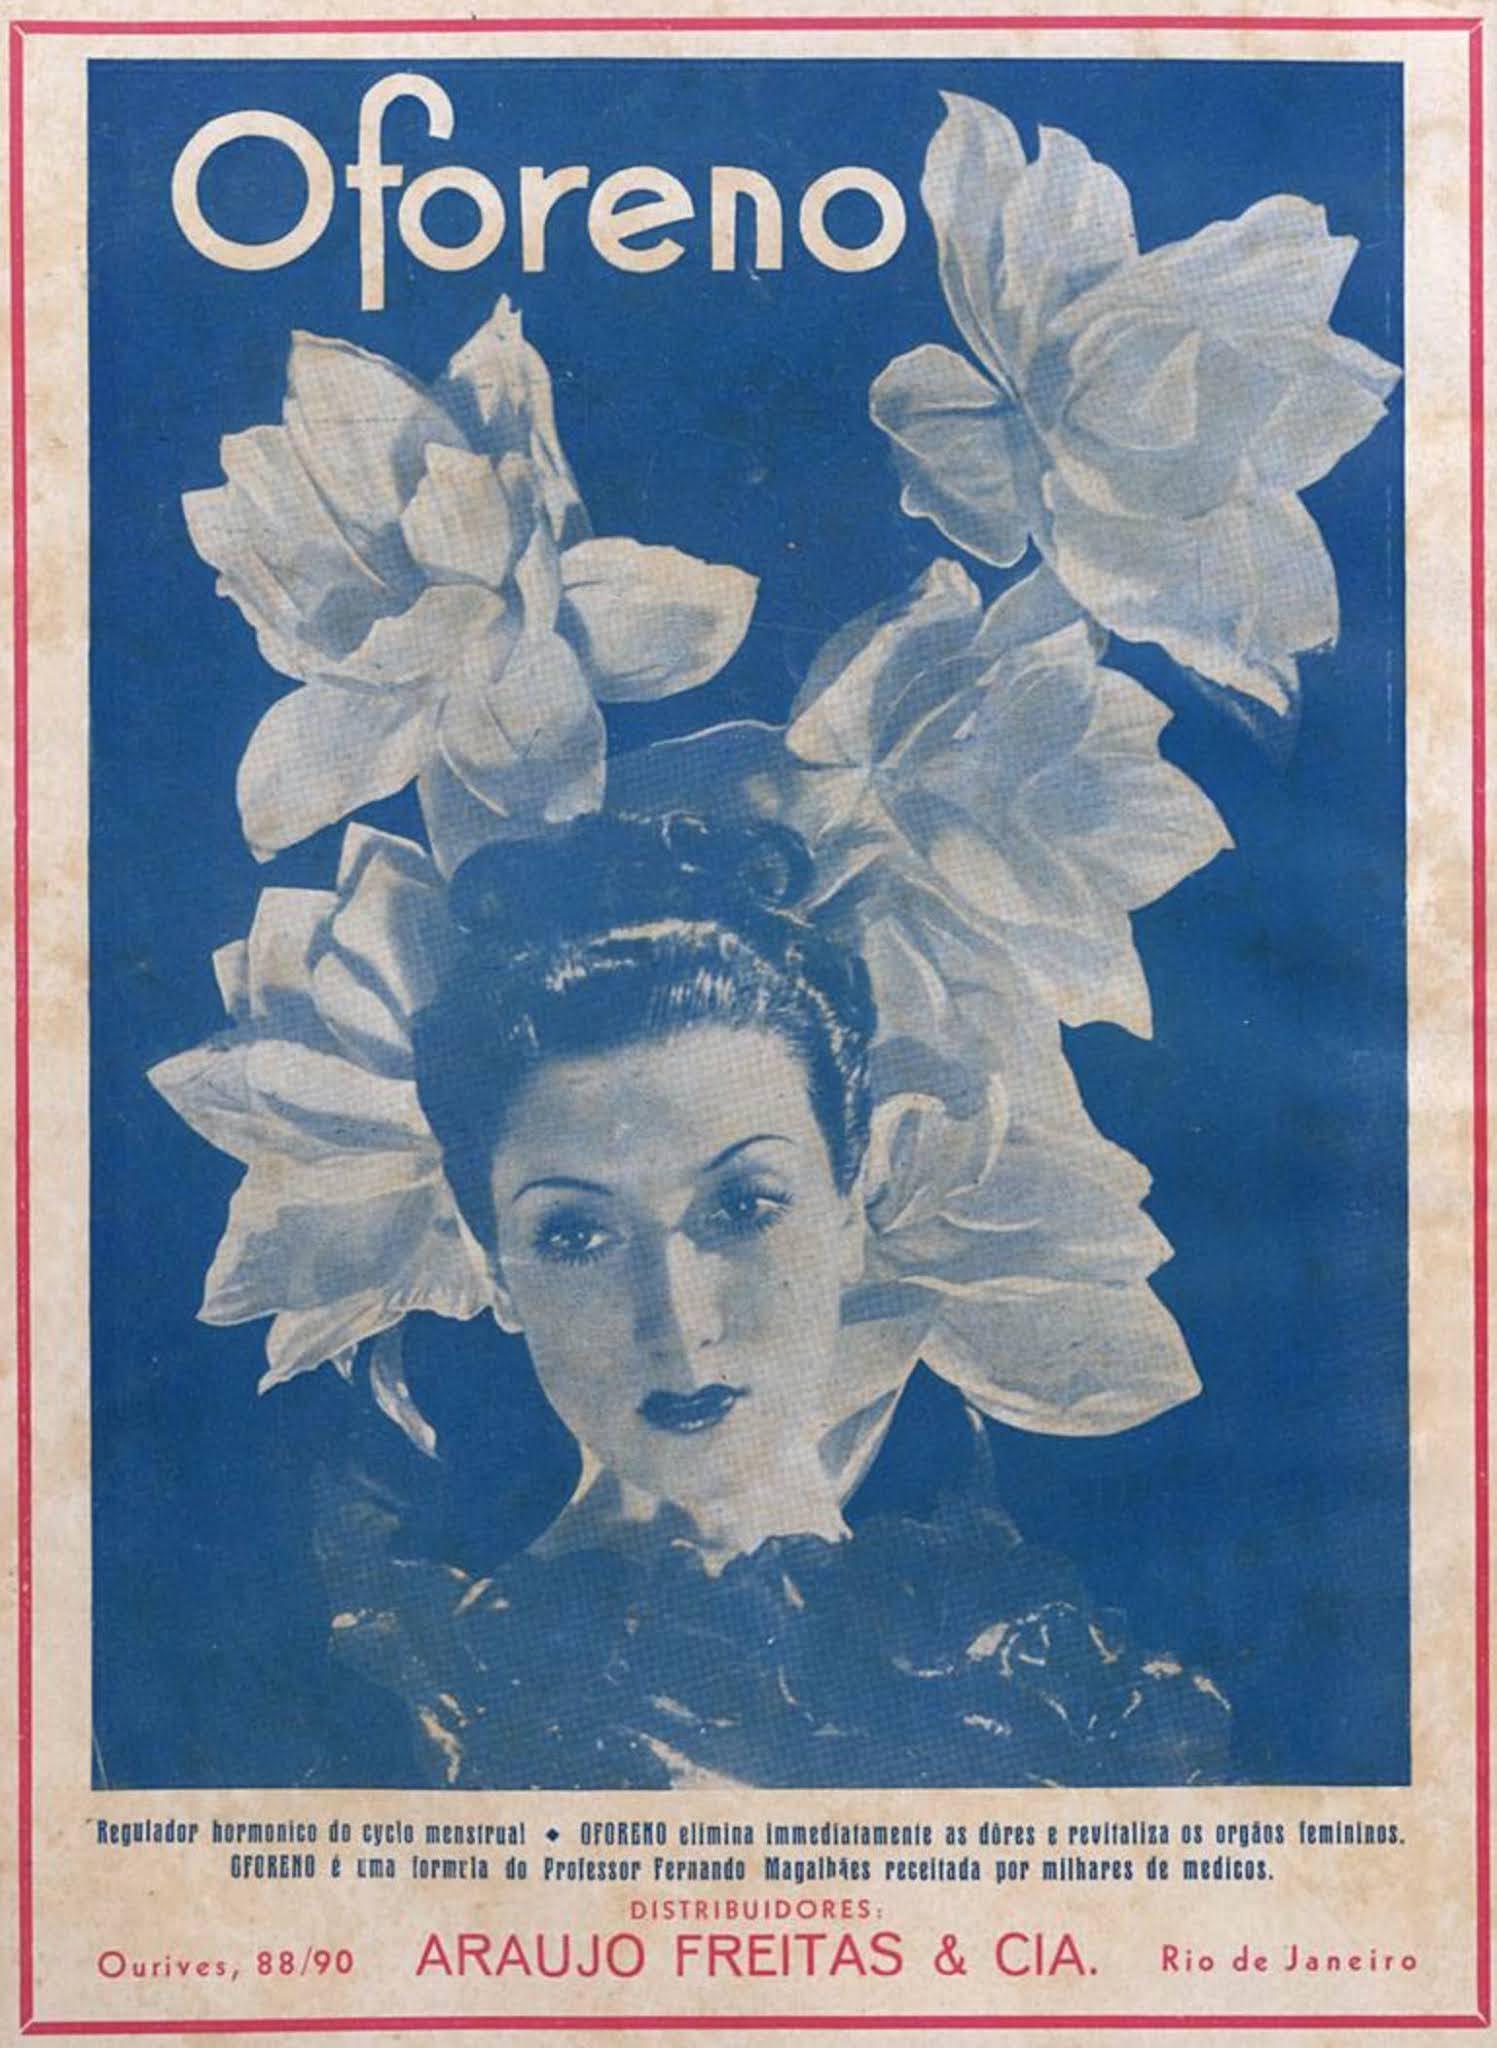 Anúncio antigo do Oforeno para regular o ciclo menstrual das mulheres em 1936